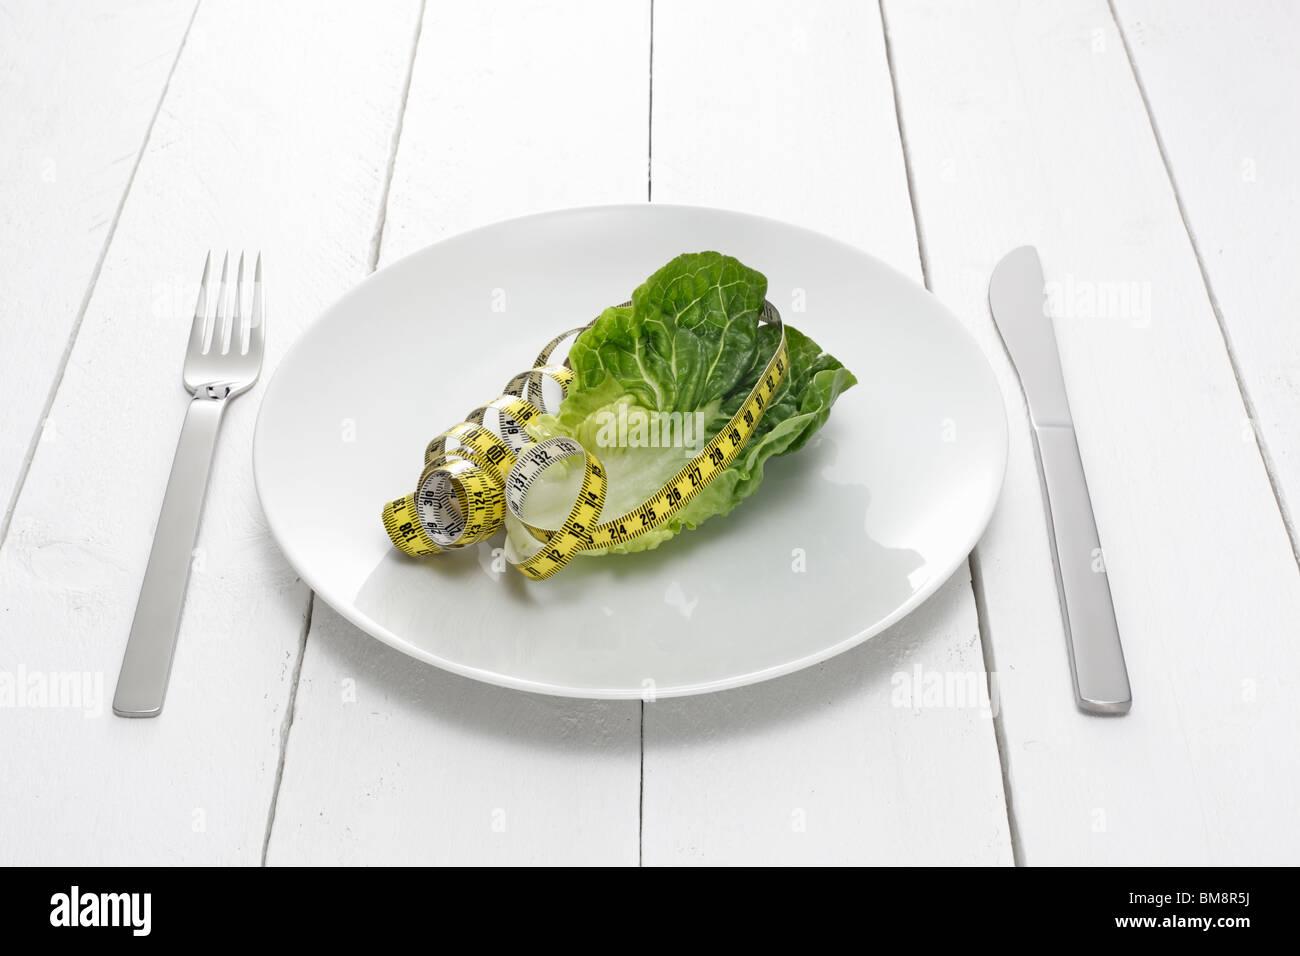 Teller Mit Salatblatt Und Massband Stockbild